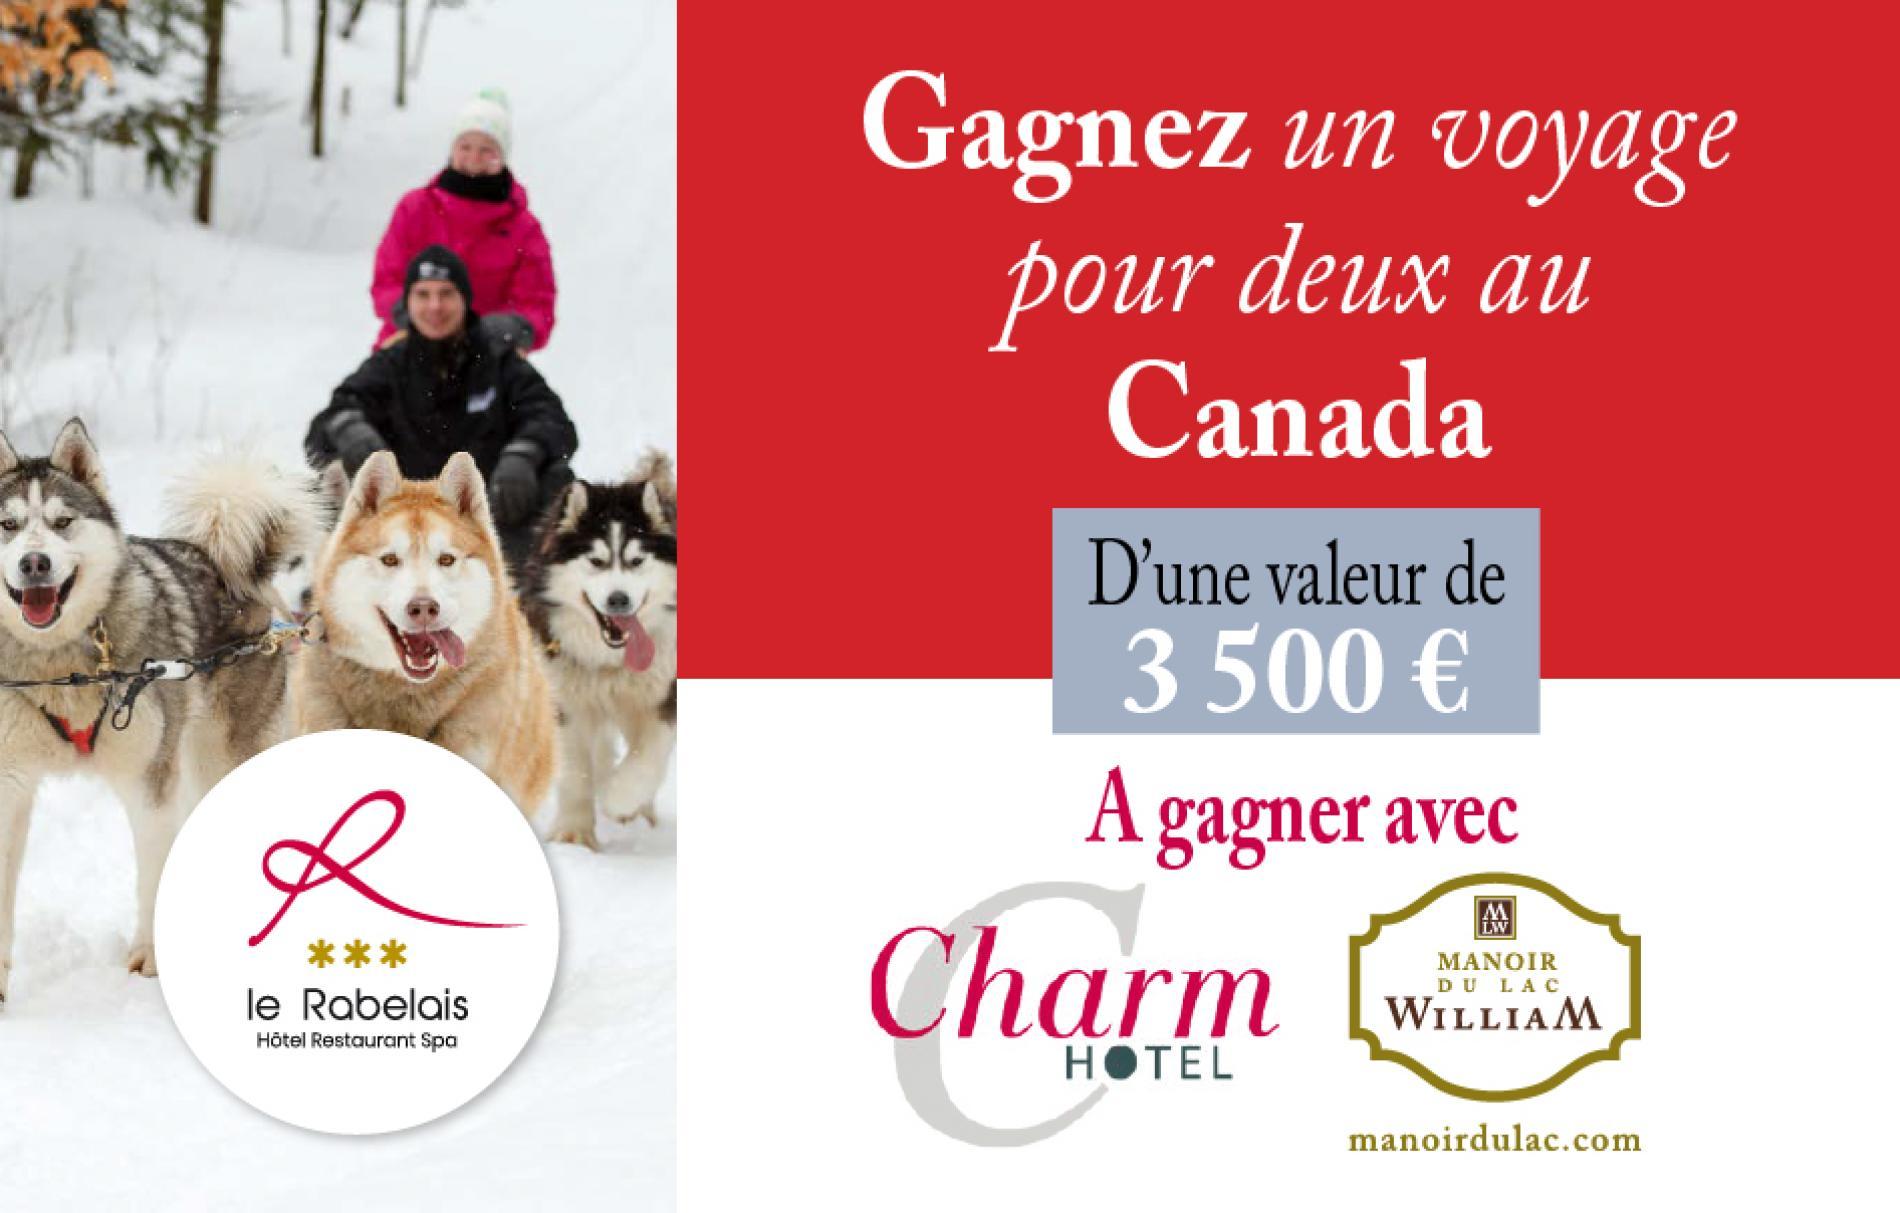 Gagnez un voyage pour deux au Canada, d'une valeur de 3500€ !